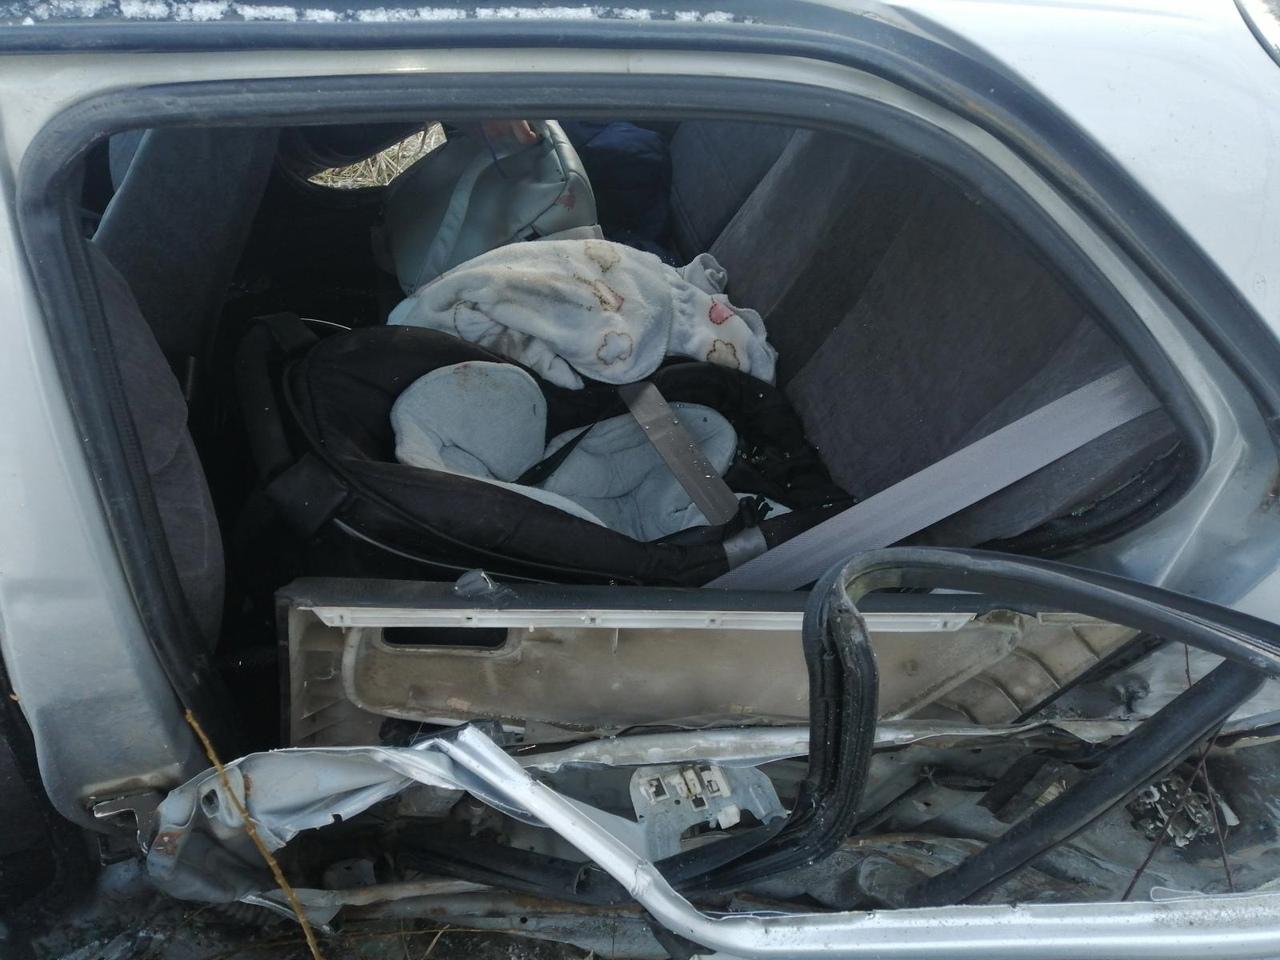 В Тверской области в аварии пострадали четыре человека, среди них младенец и 9-летняя девочка